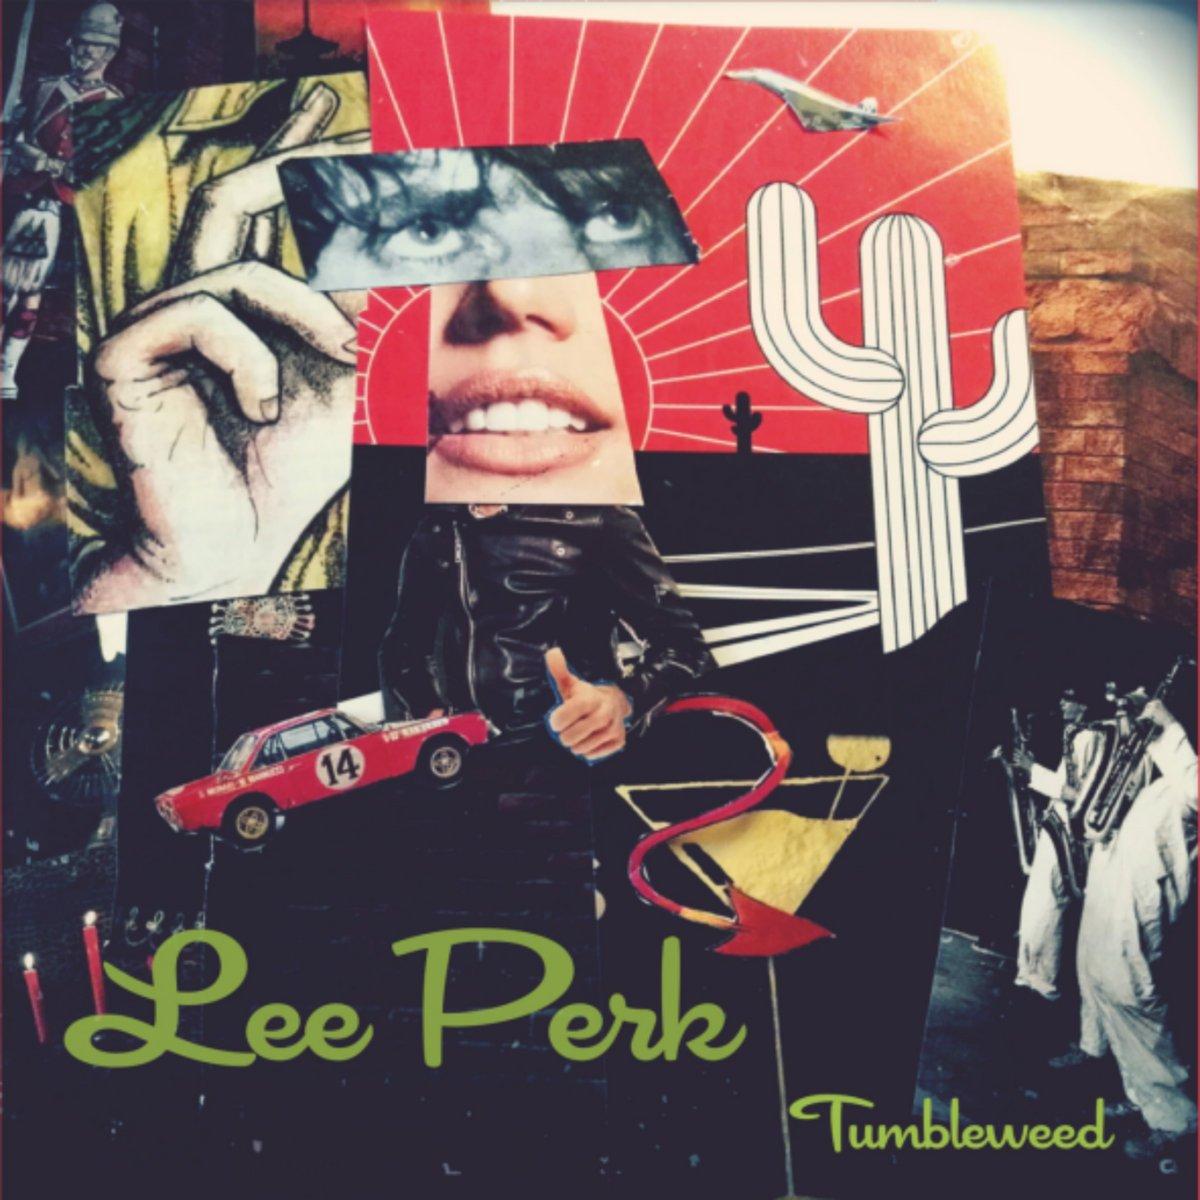 Lee Perk - Tumbleweed